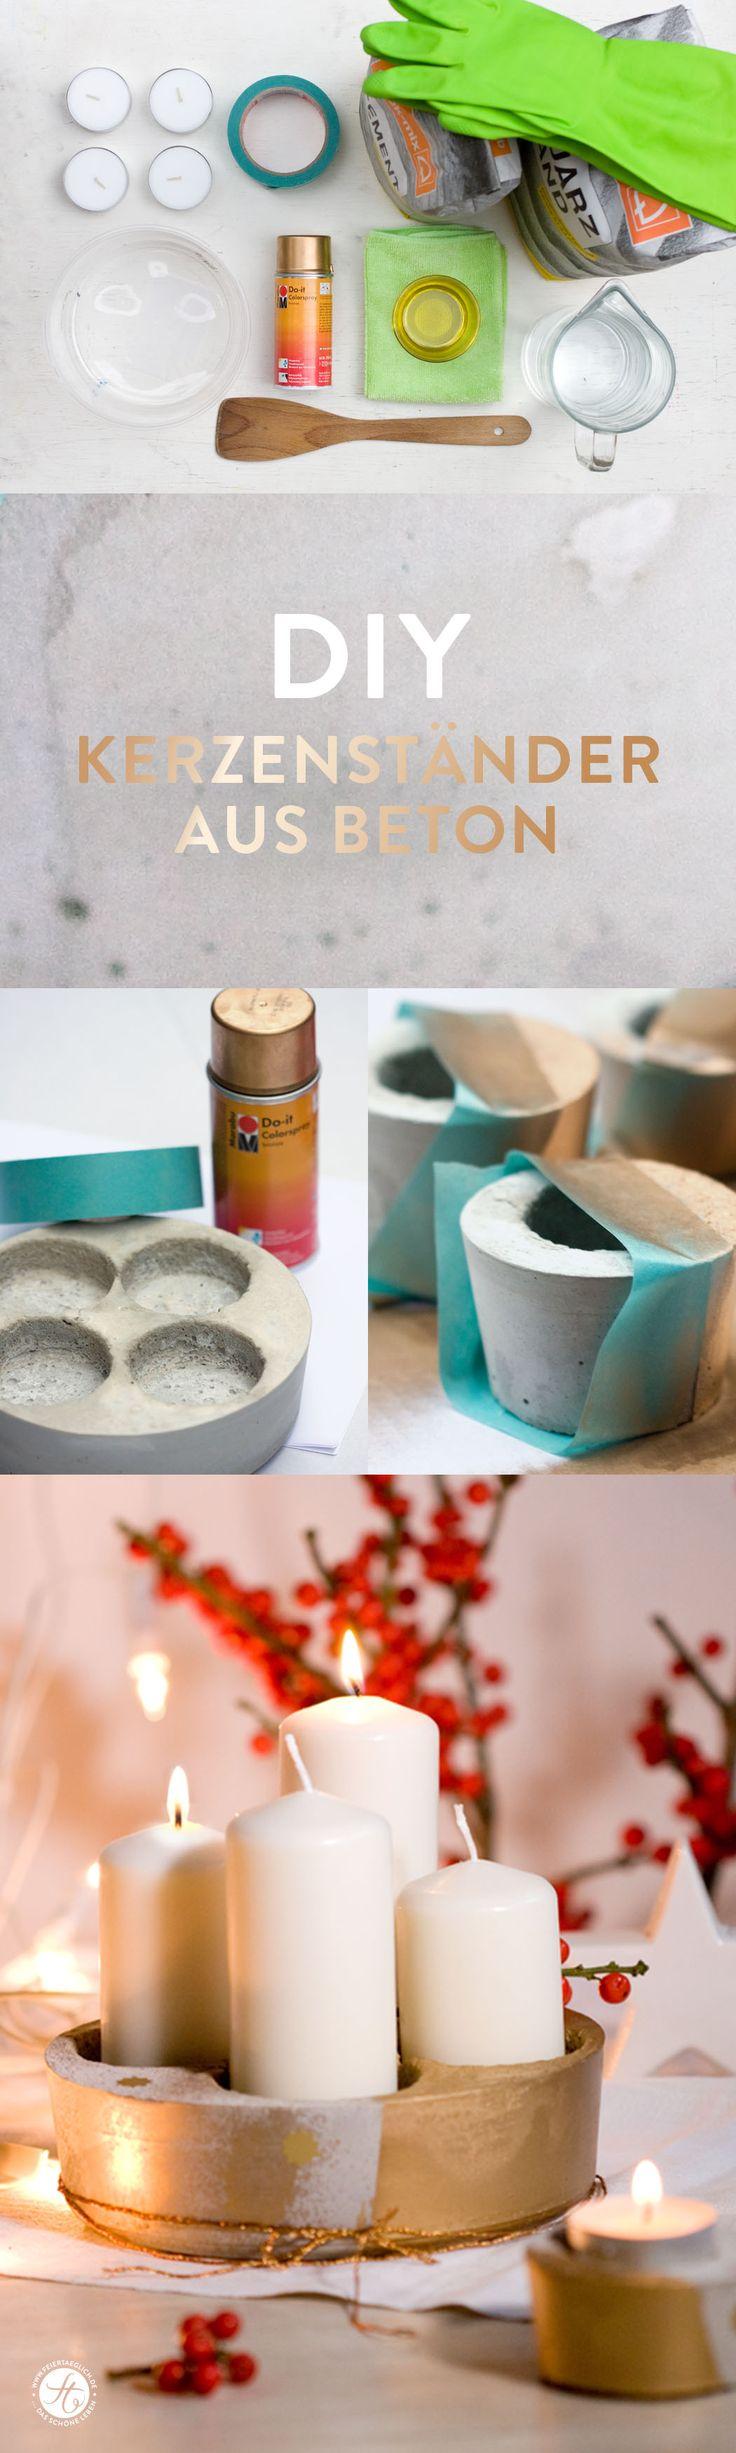 DIY Kerzenständer aus Beton mit Kupferlack